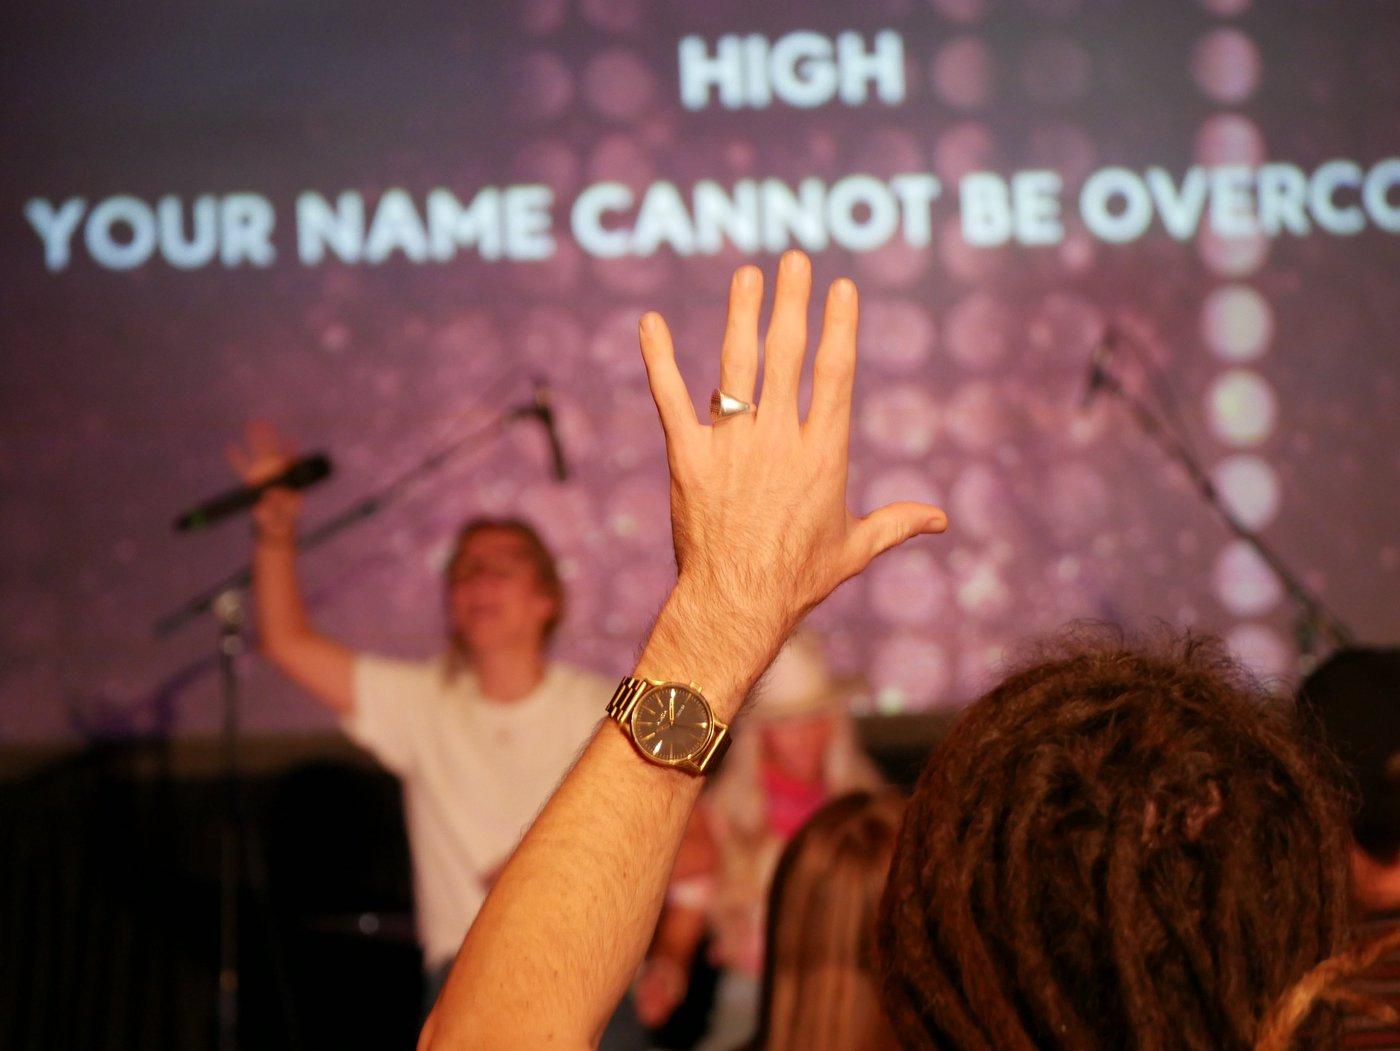 Mission driven church Reno